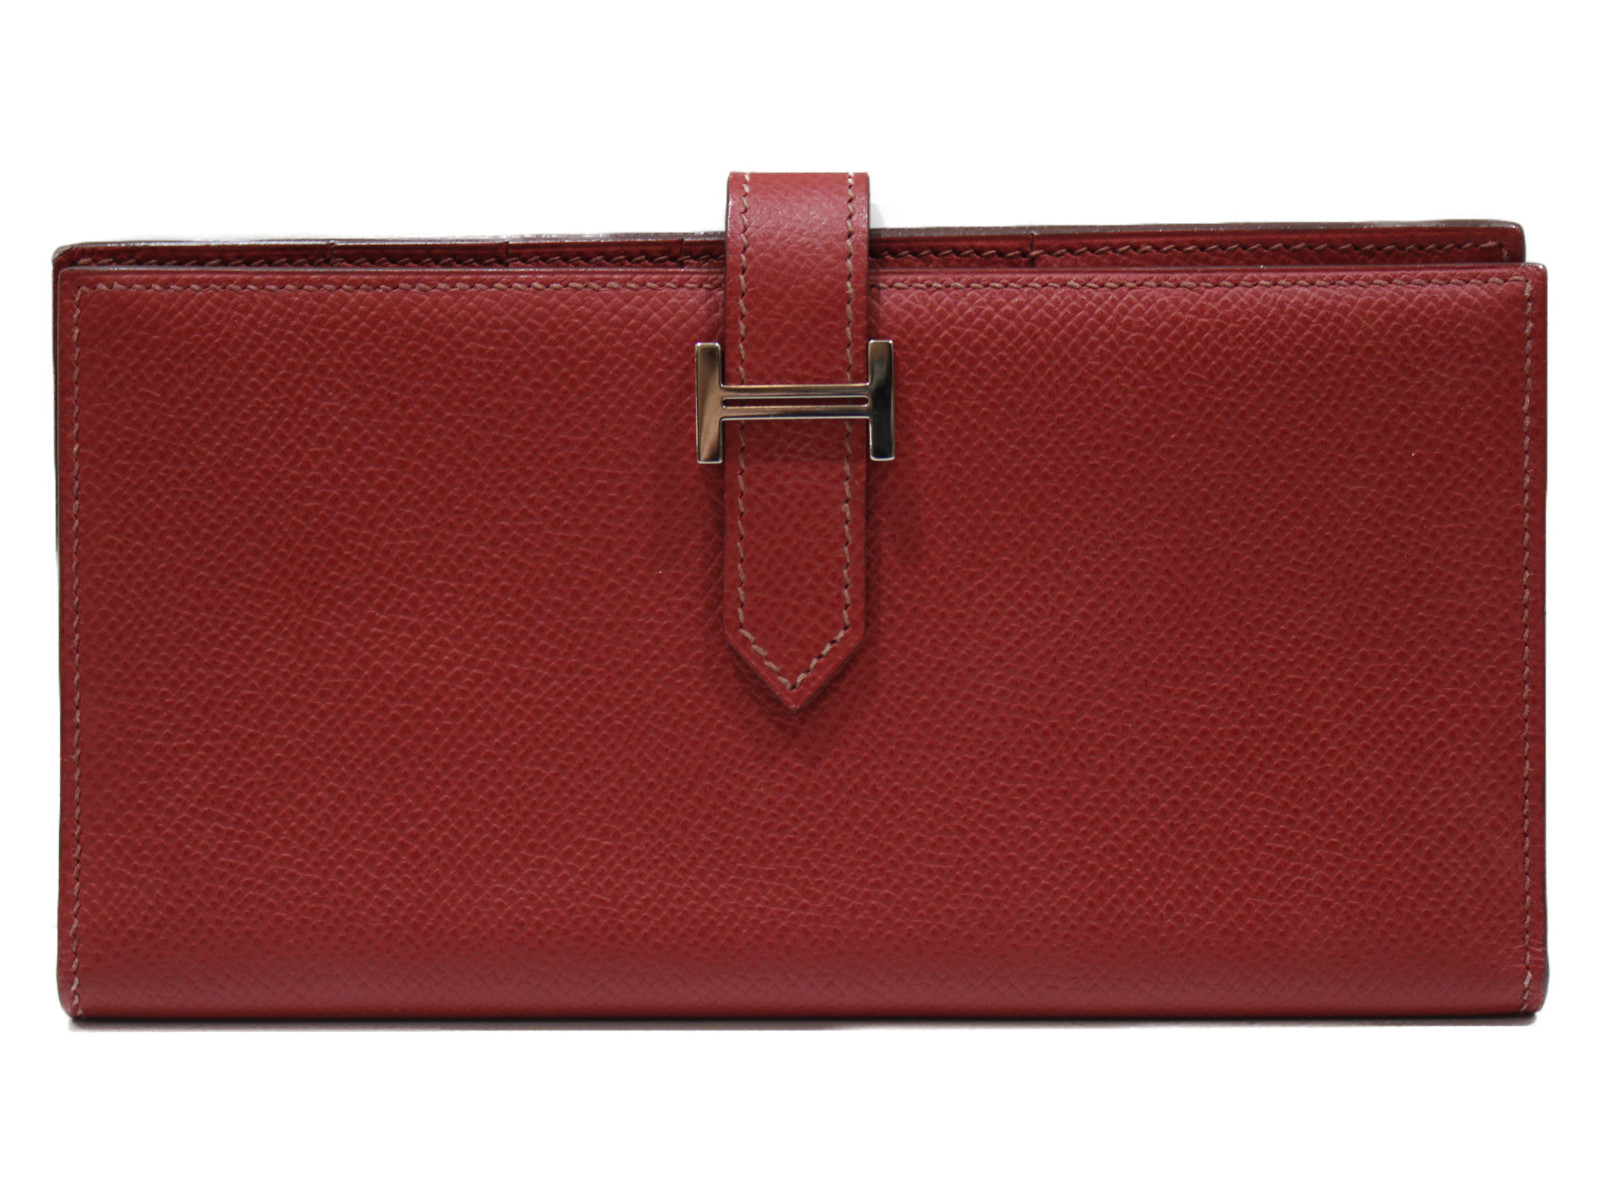 【箱あり】HERMES ベアンスフレ 2007年製造 レッド系 レディース メンズ 長財布 ウォレット シンプル プレゼント包装可 【中古】